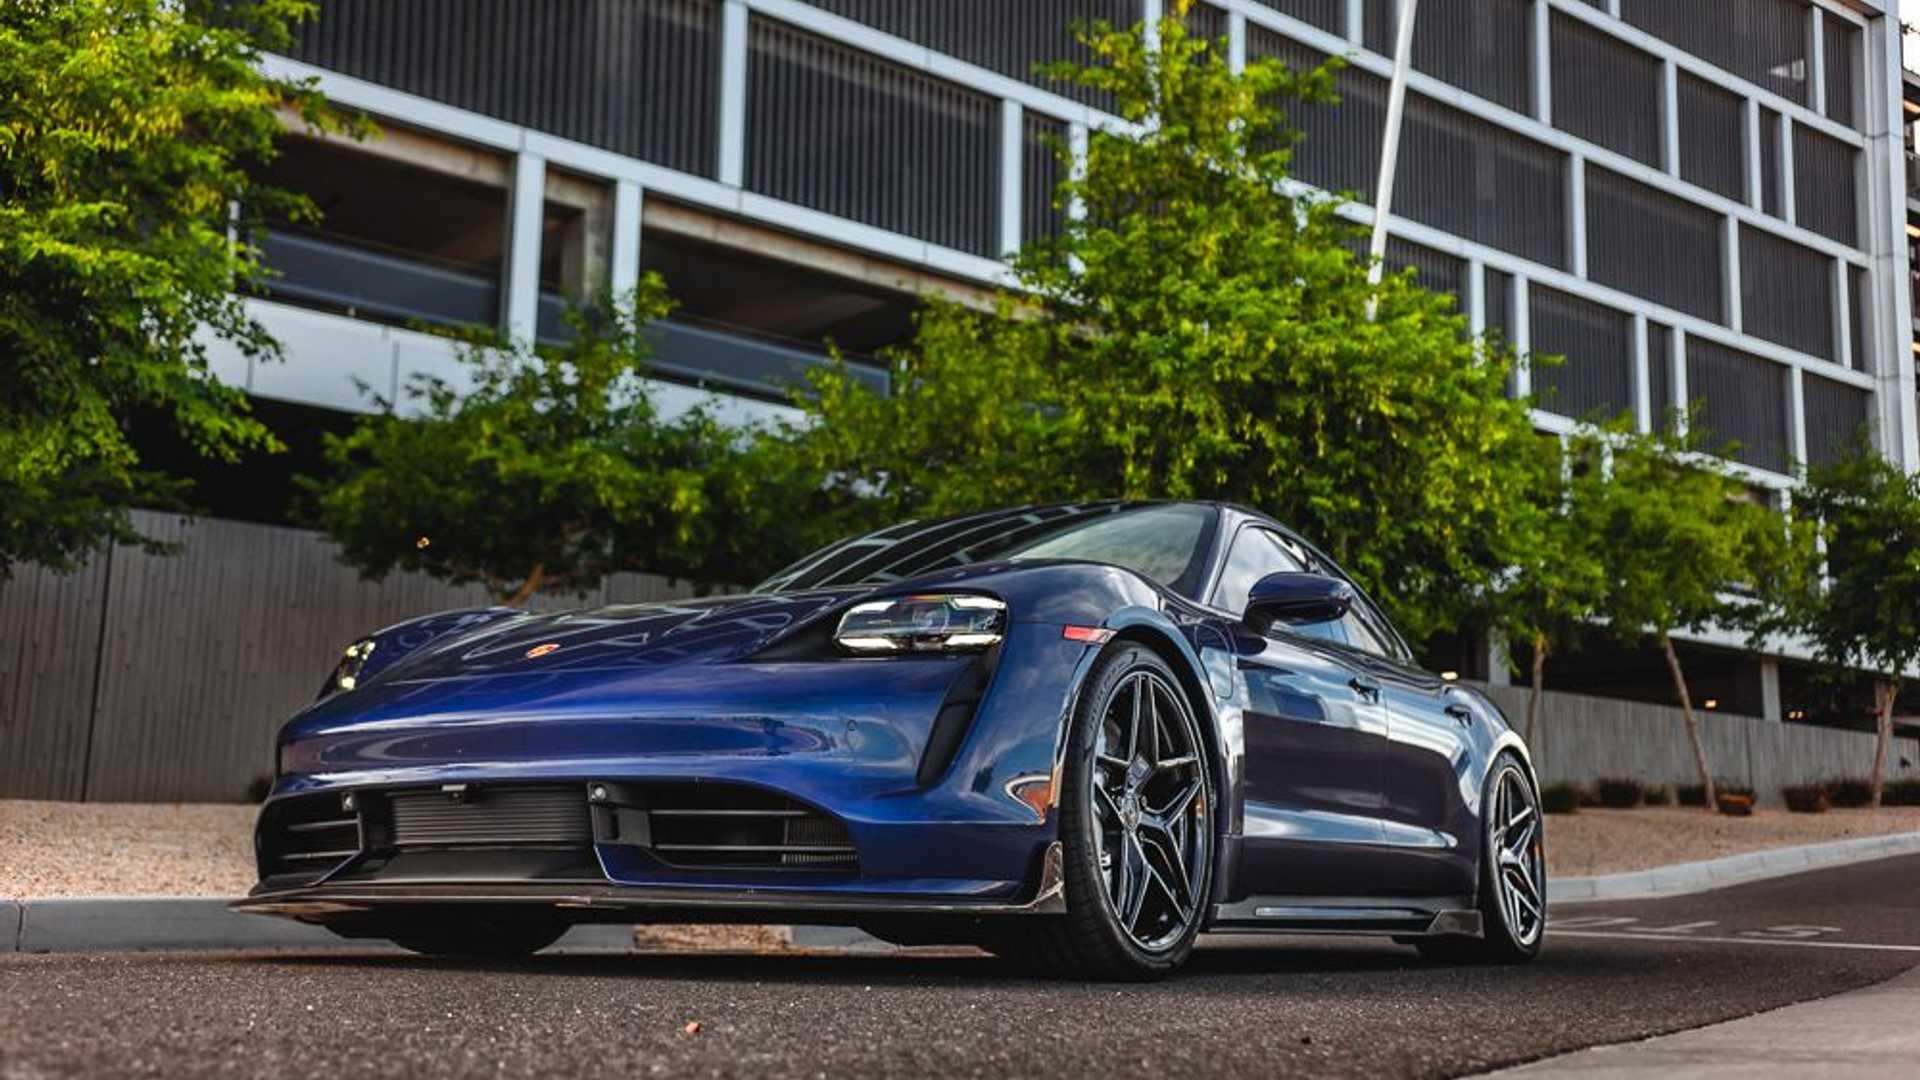 Porsche-Taycan-by-Vivid-Racing-13